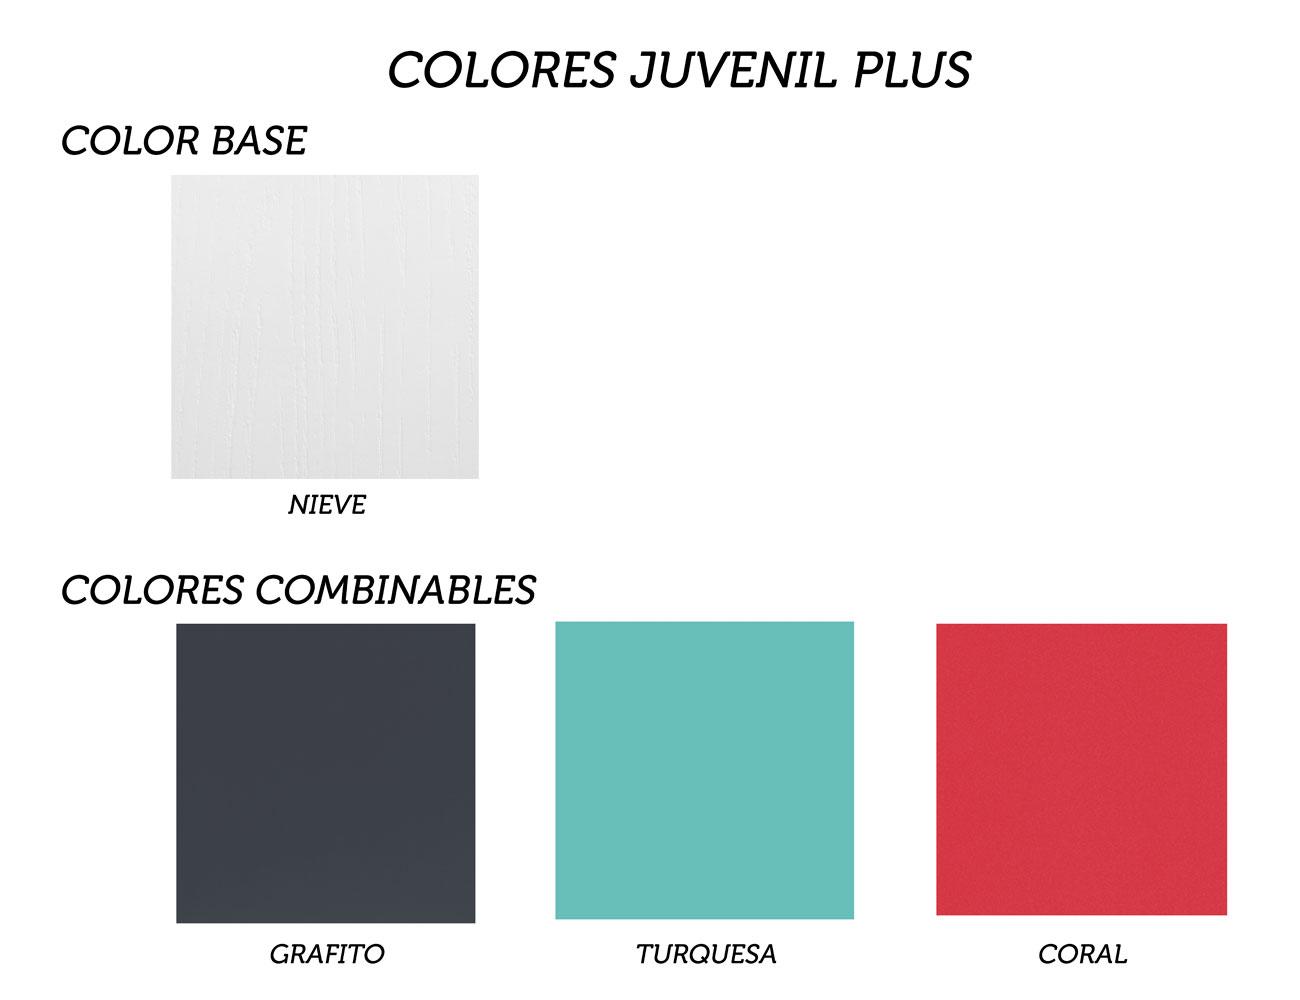 Colores dormitorios juveniles1